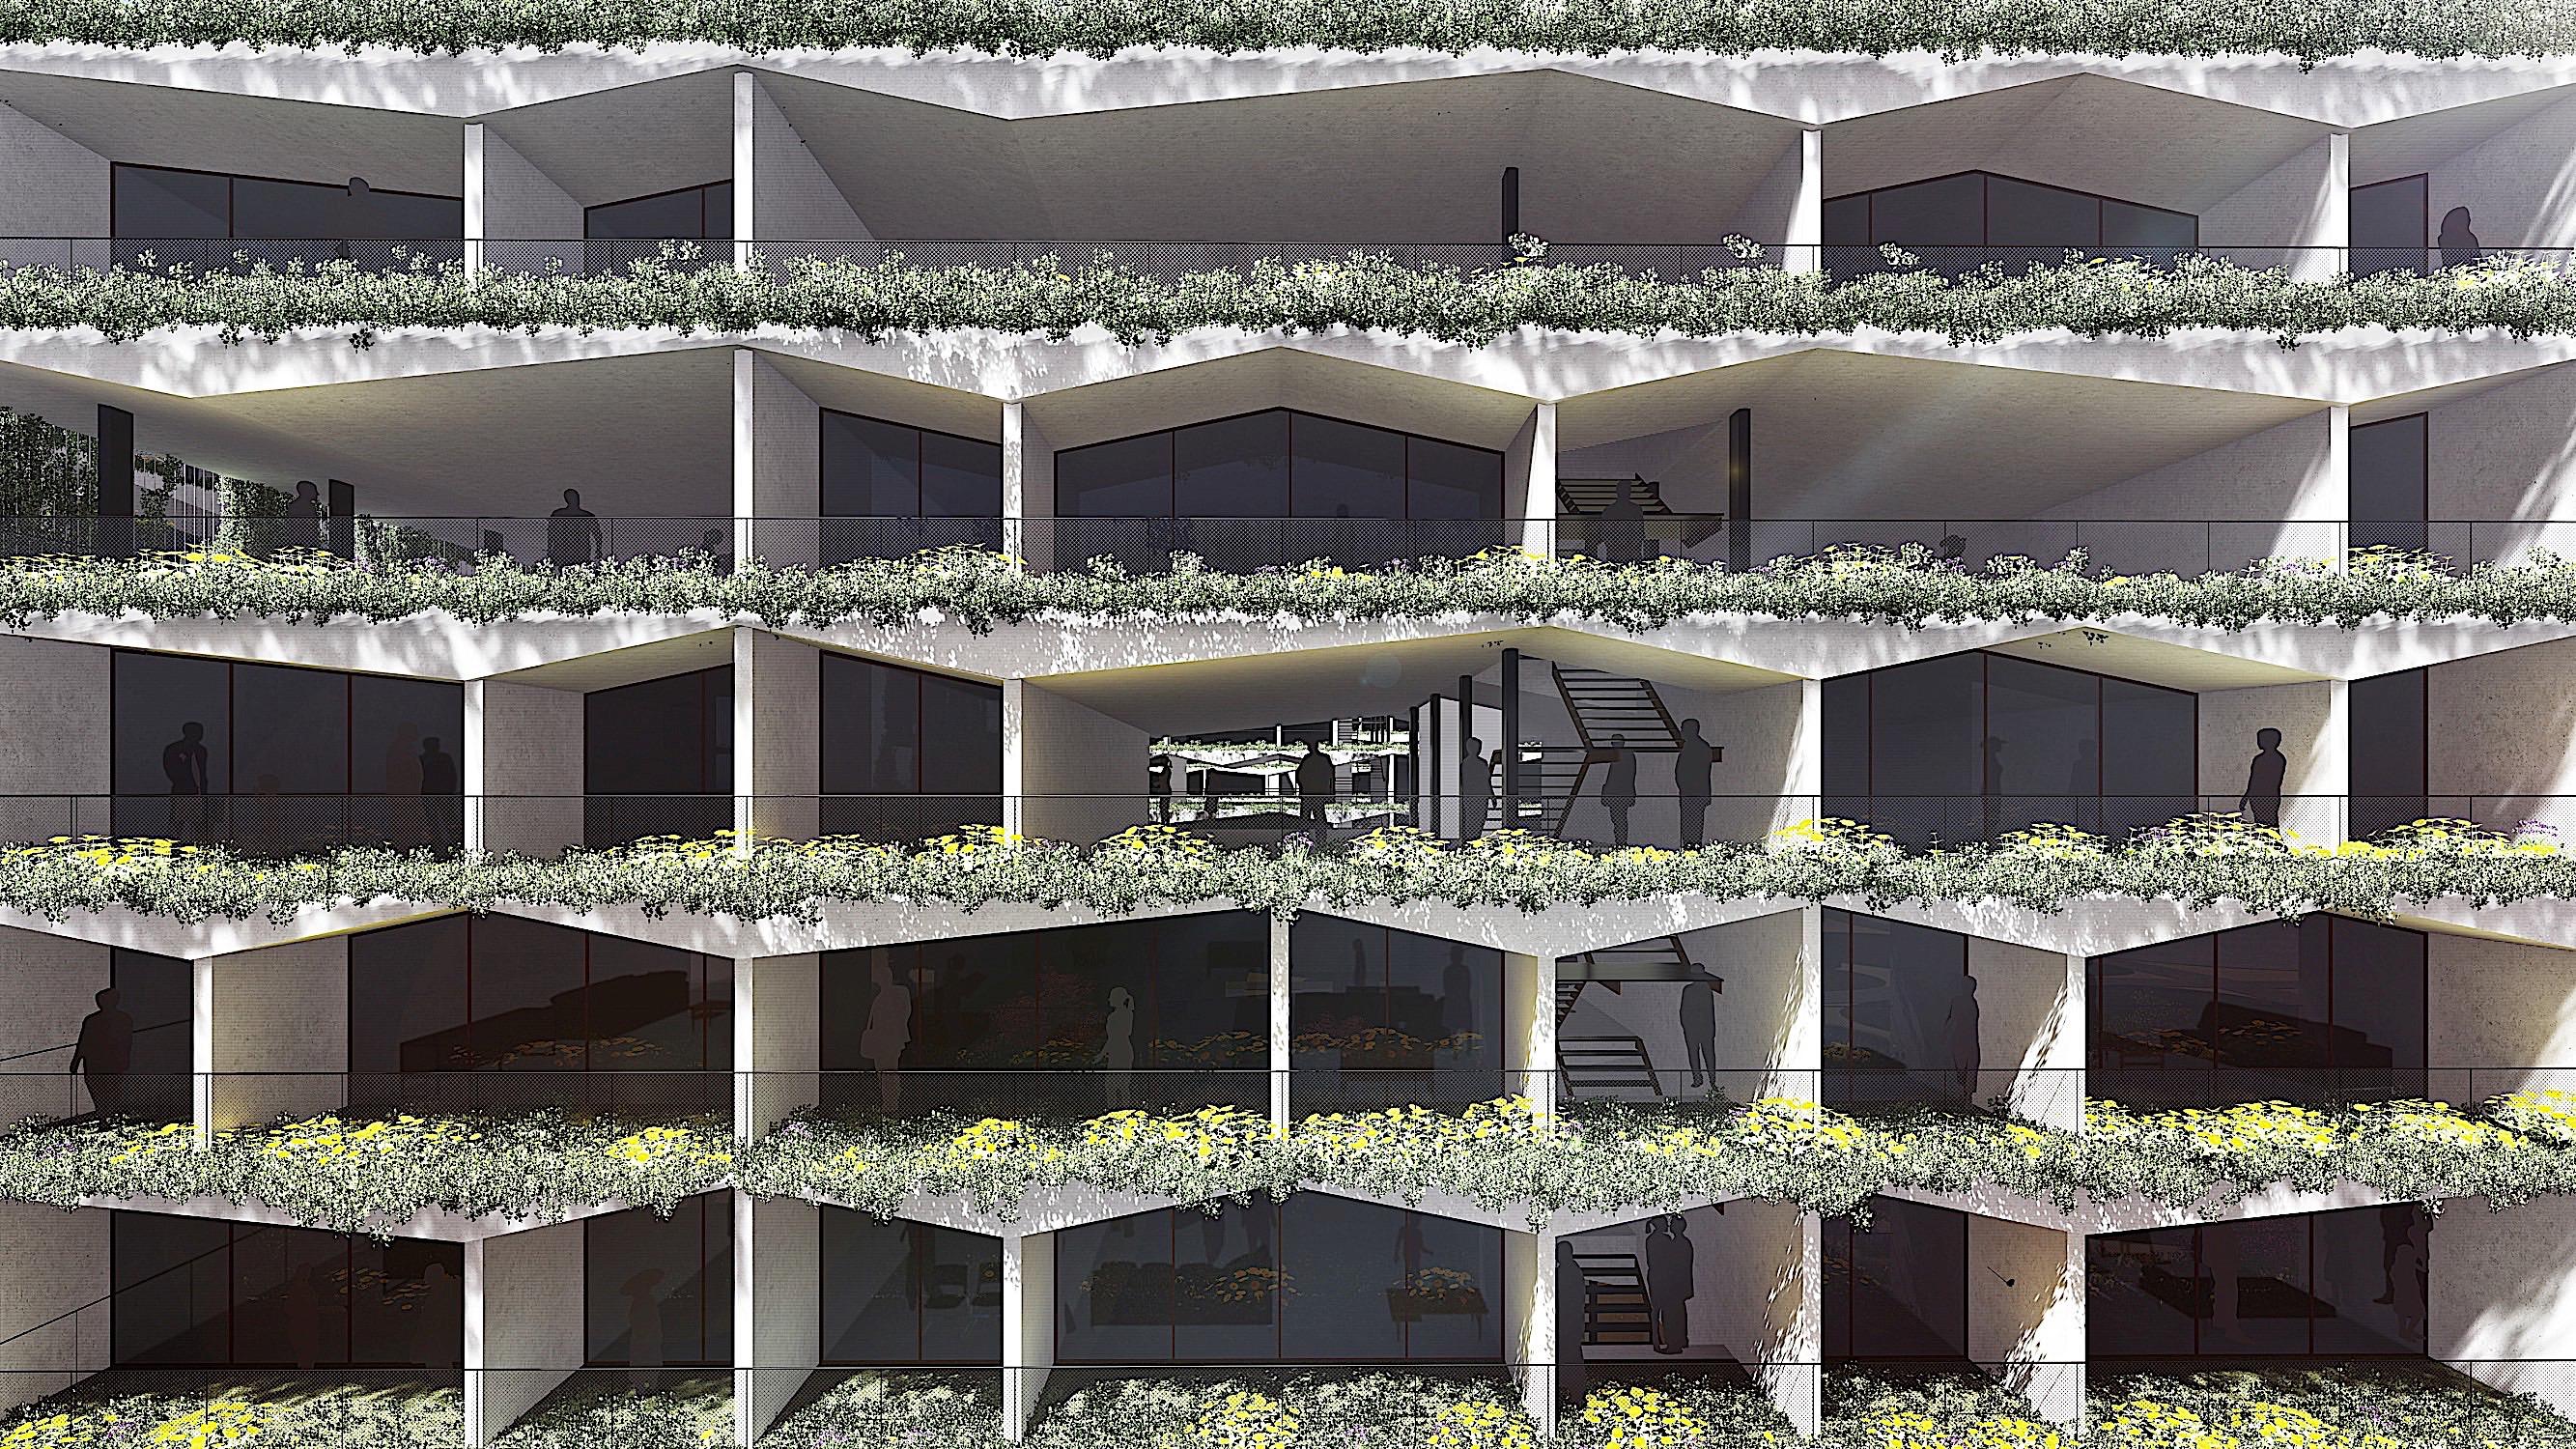 Ciudad jard n vertical system arquitectura - Ciudad jardin malaga ...